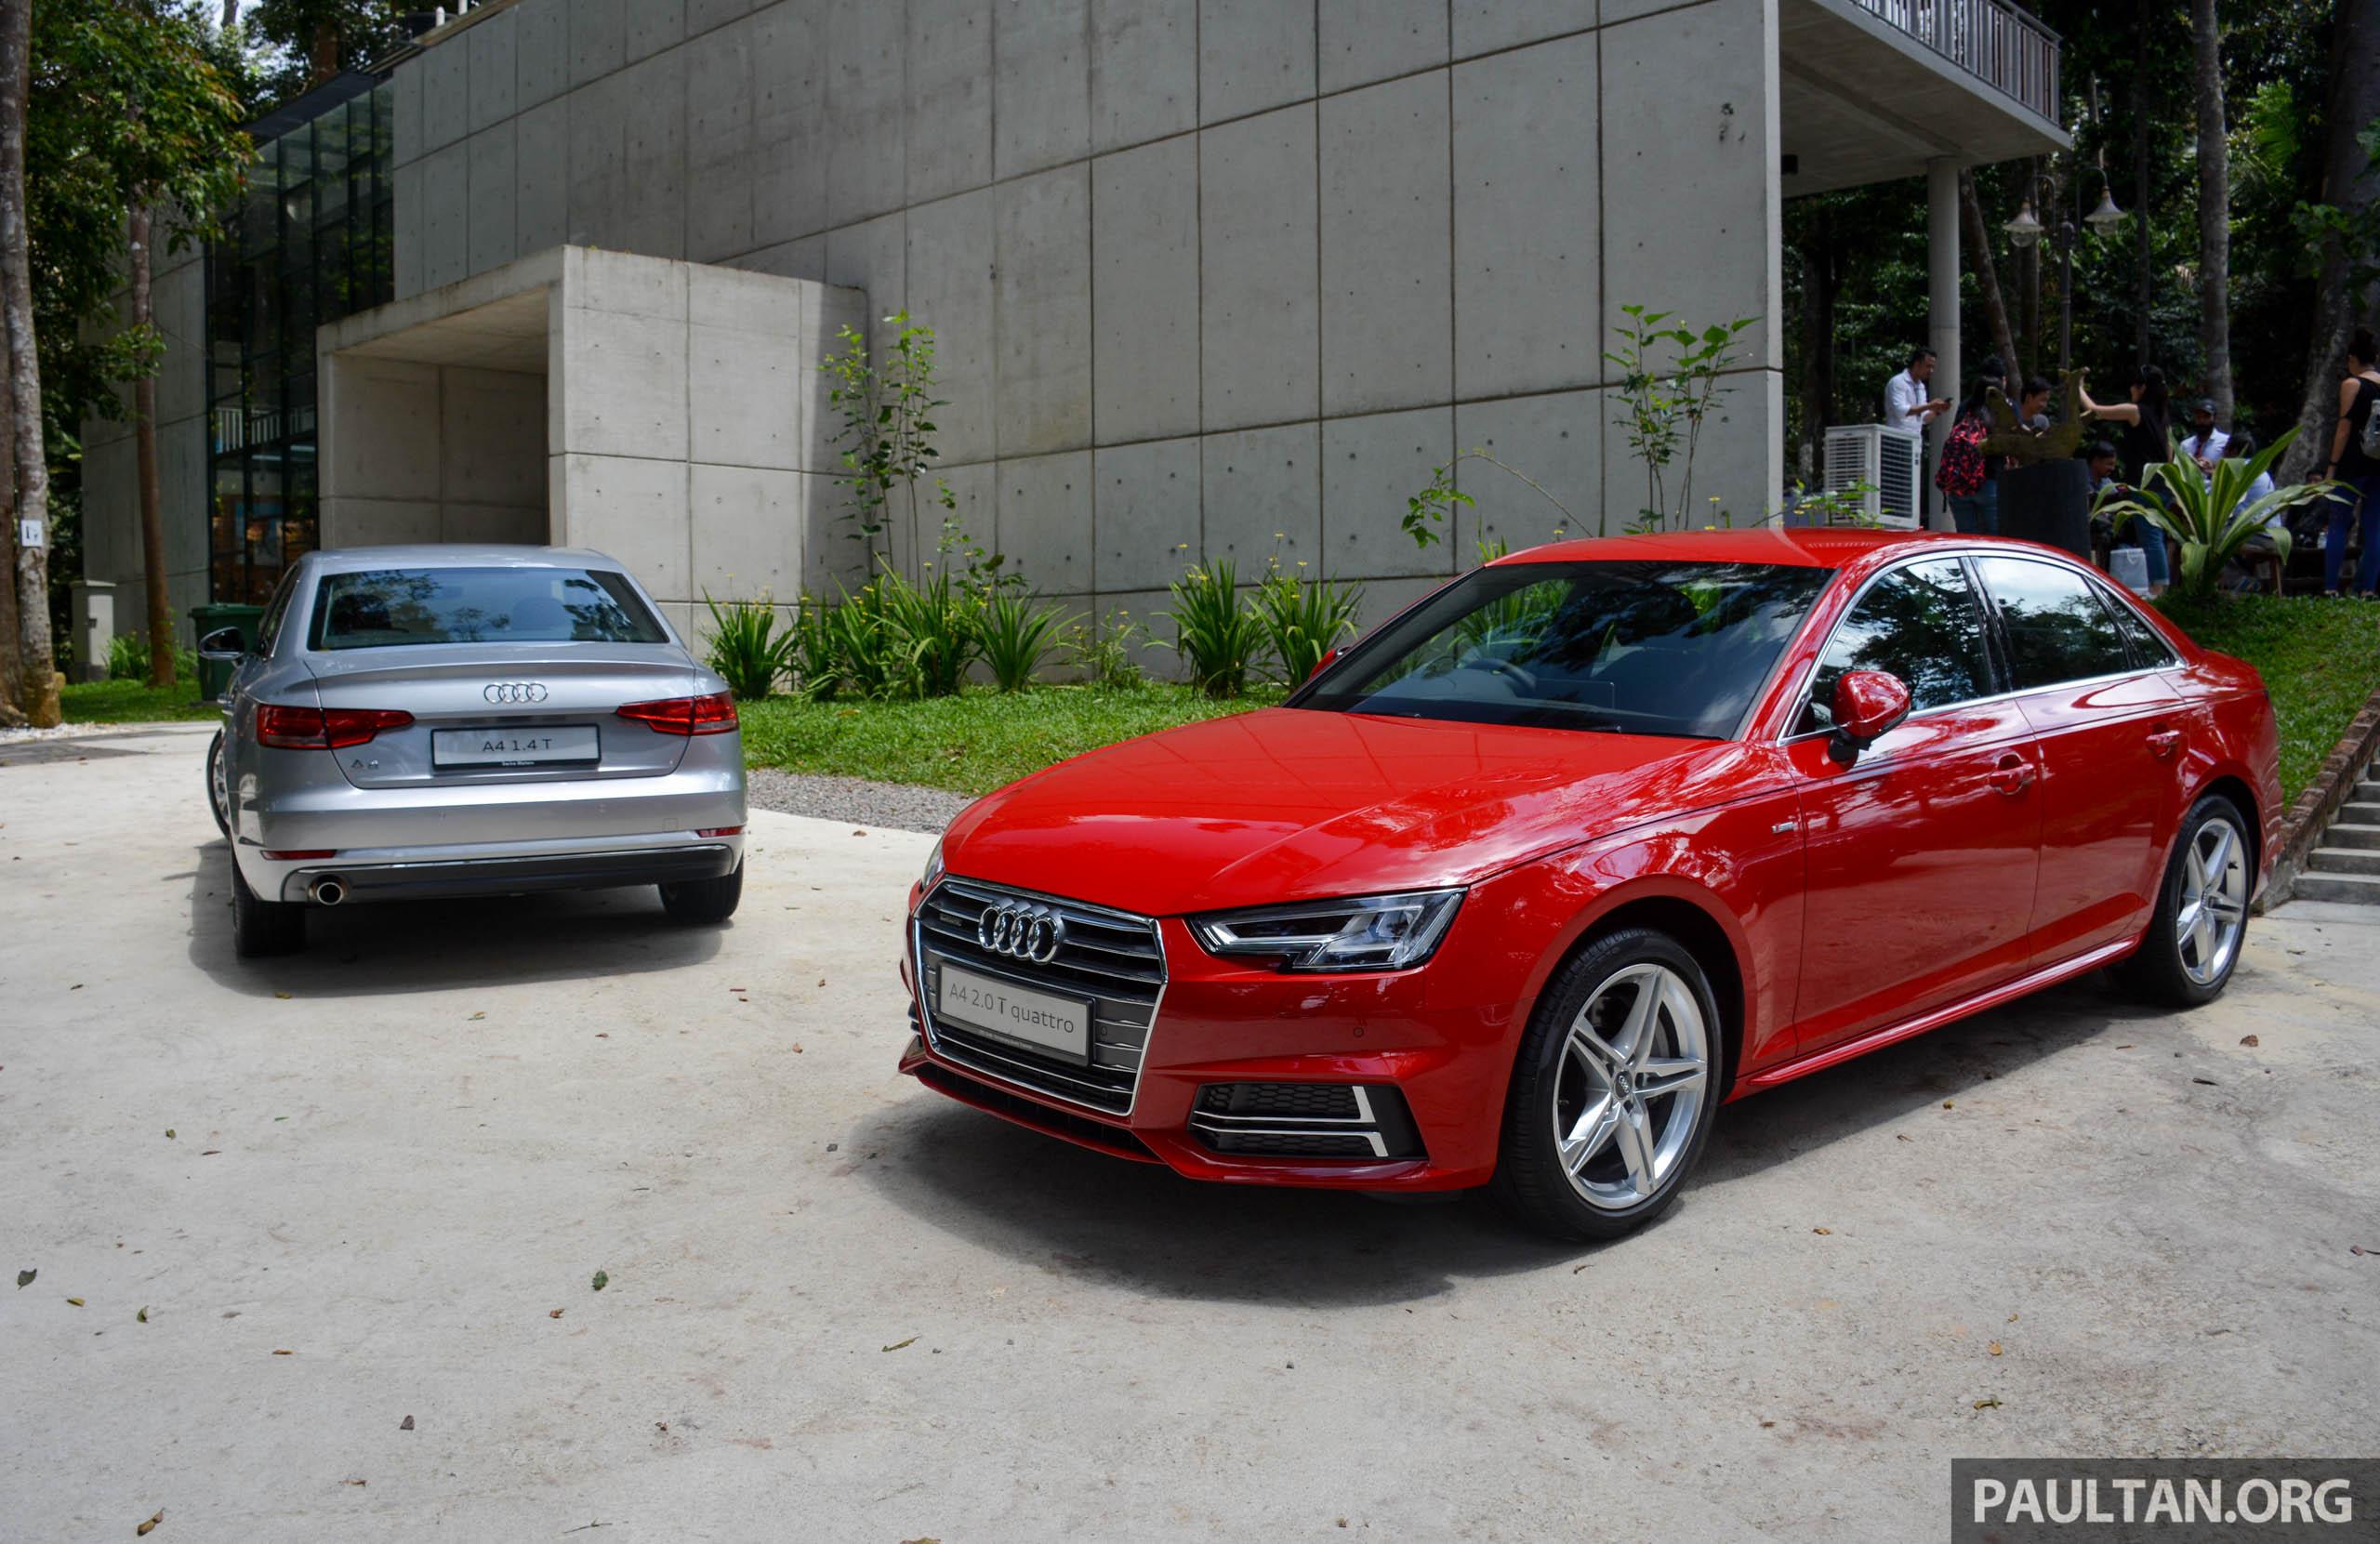 试驾:audi A4 2 0 Quattro Amp 1 4 Tfsi,高低配的差异。 Audi A4 Drive